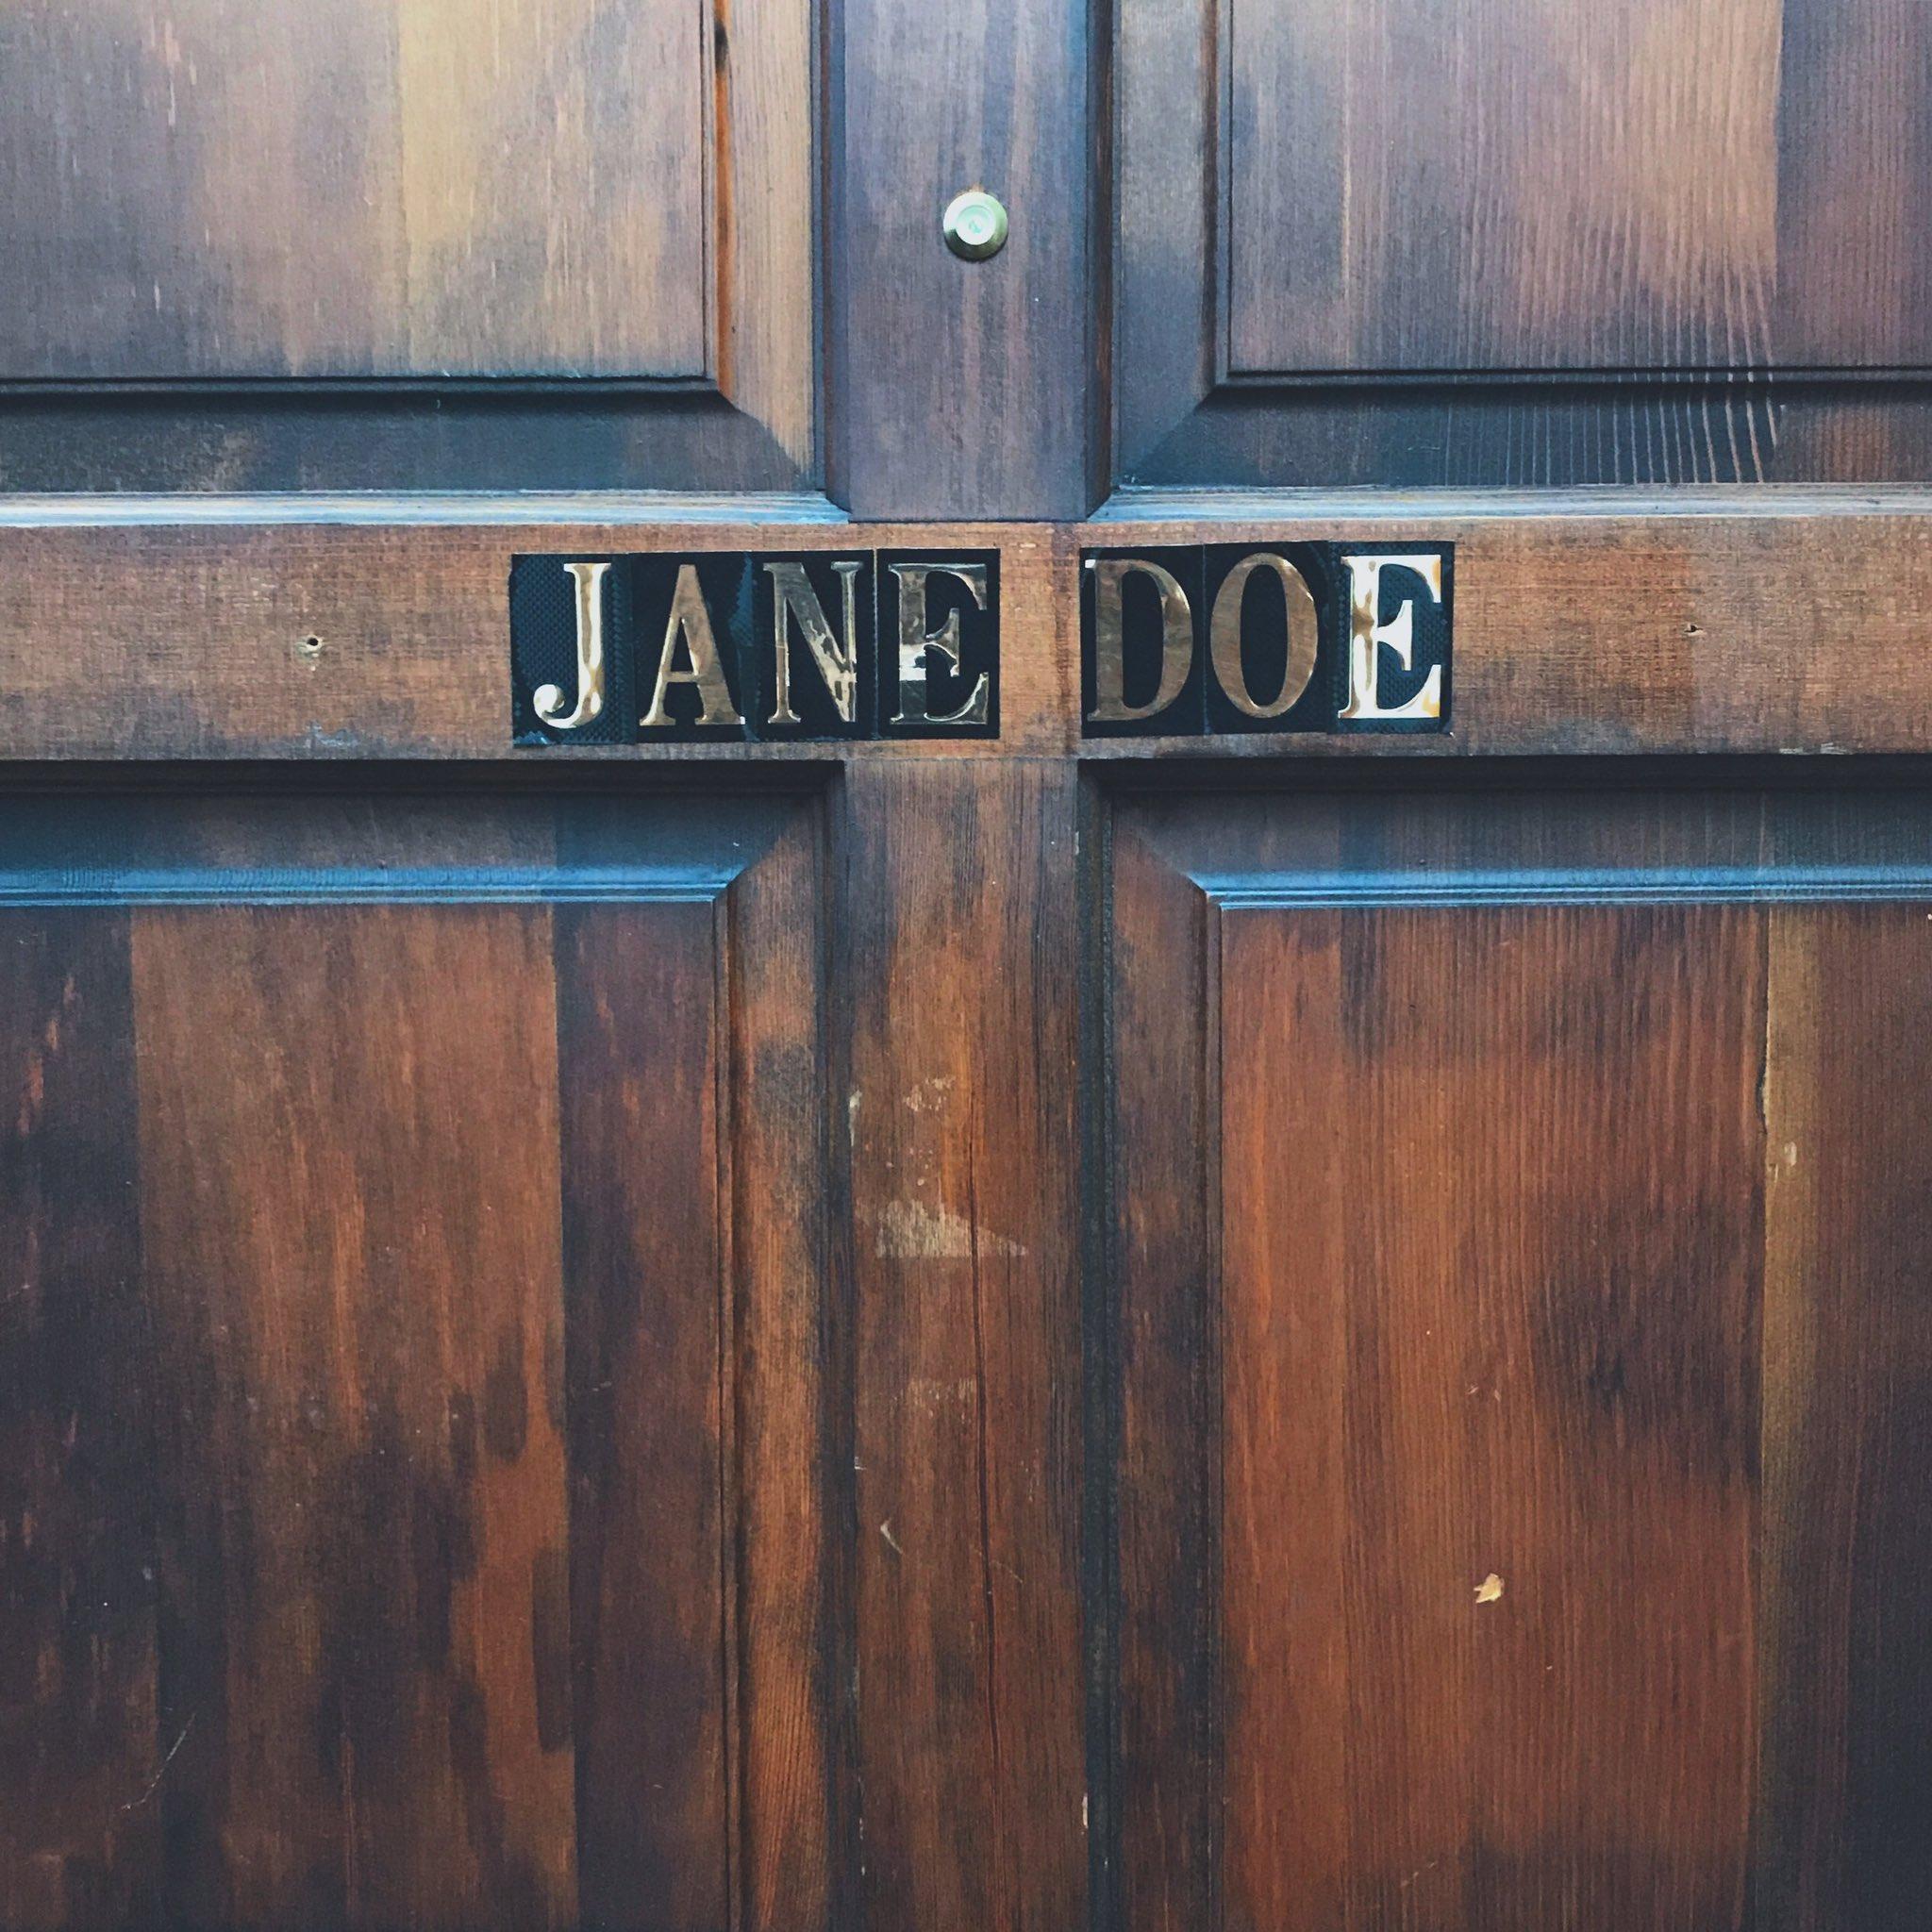 Oh, hello @JaneDoeLatex! 🖤 https://t.co/0JpMiWol0R